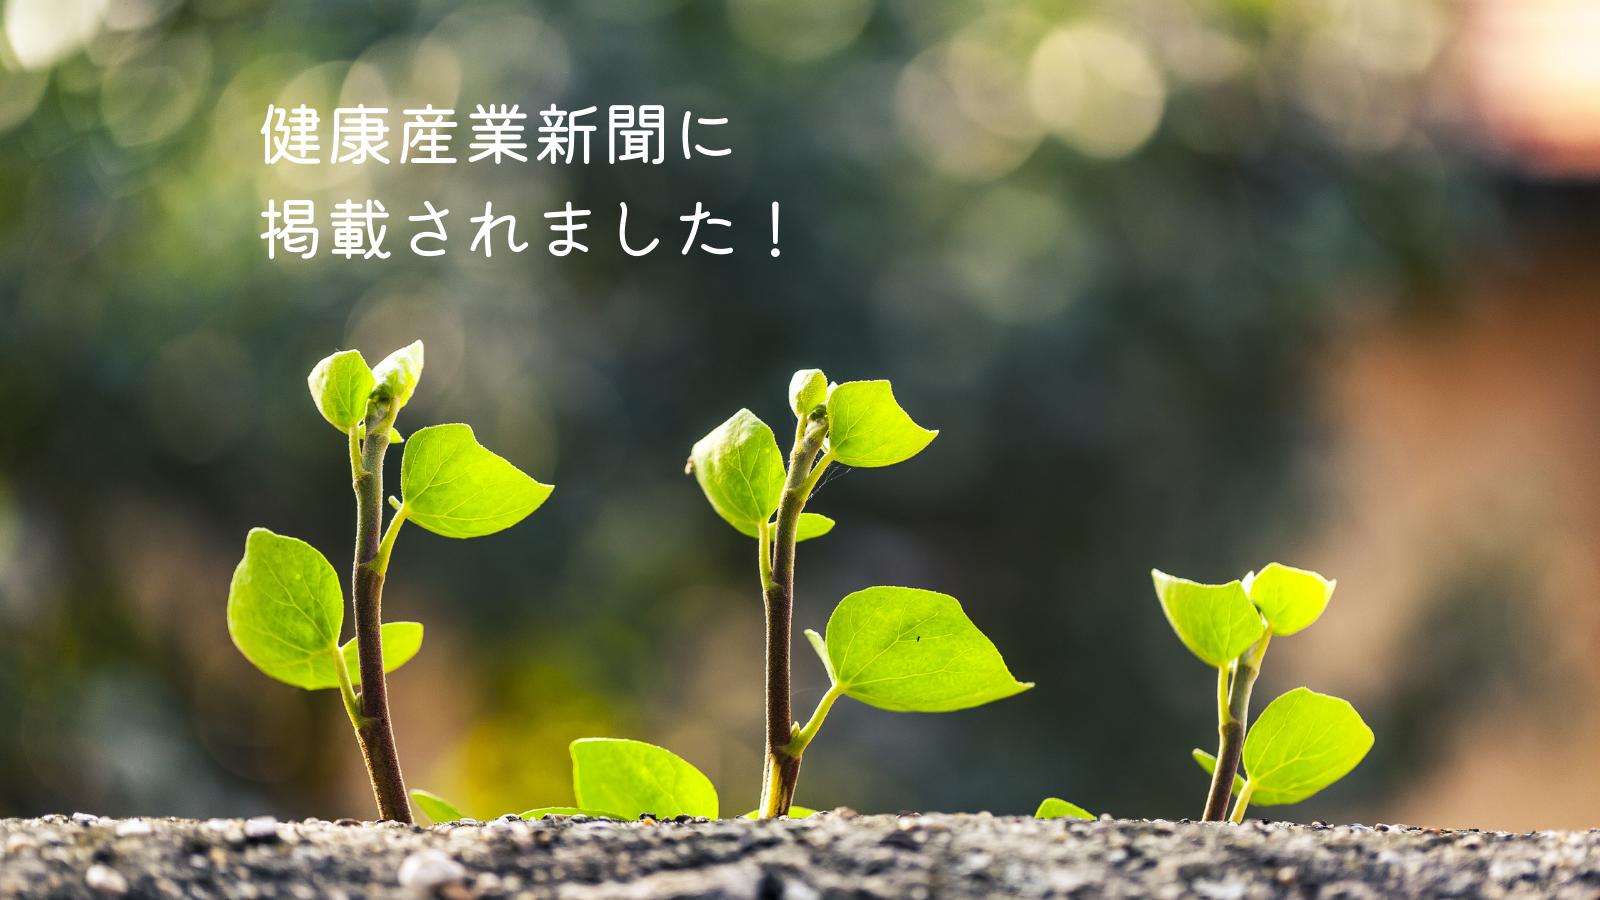 【掲載情報】健康産業新聞に掲載されました!